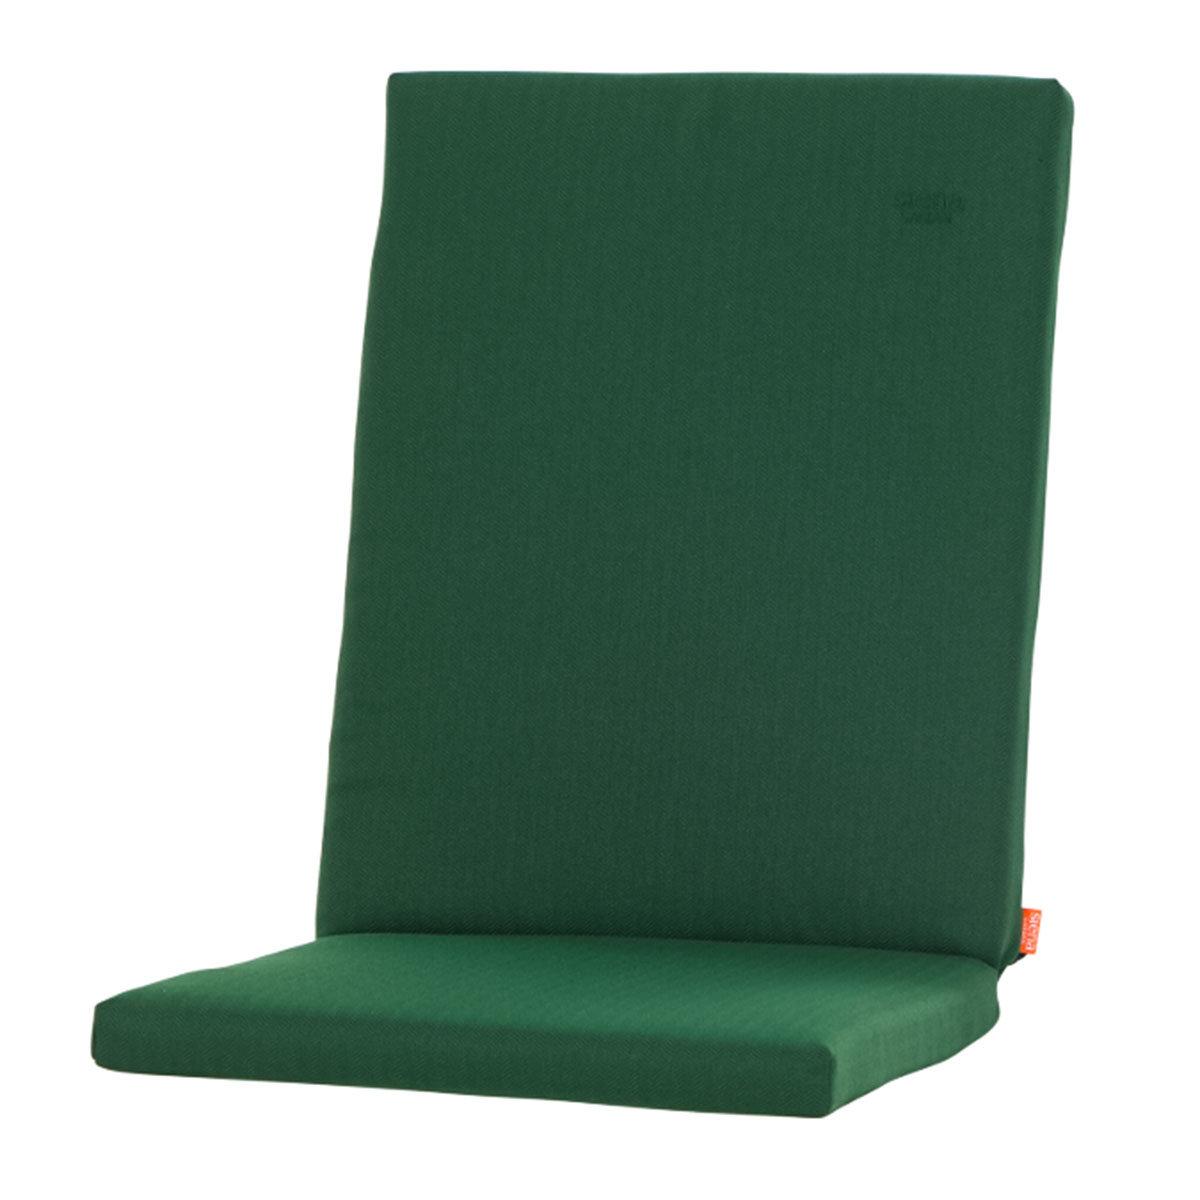 Gartenstuhl-Auflage Aster, smaragdgrün